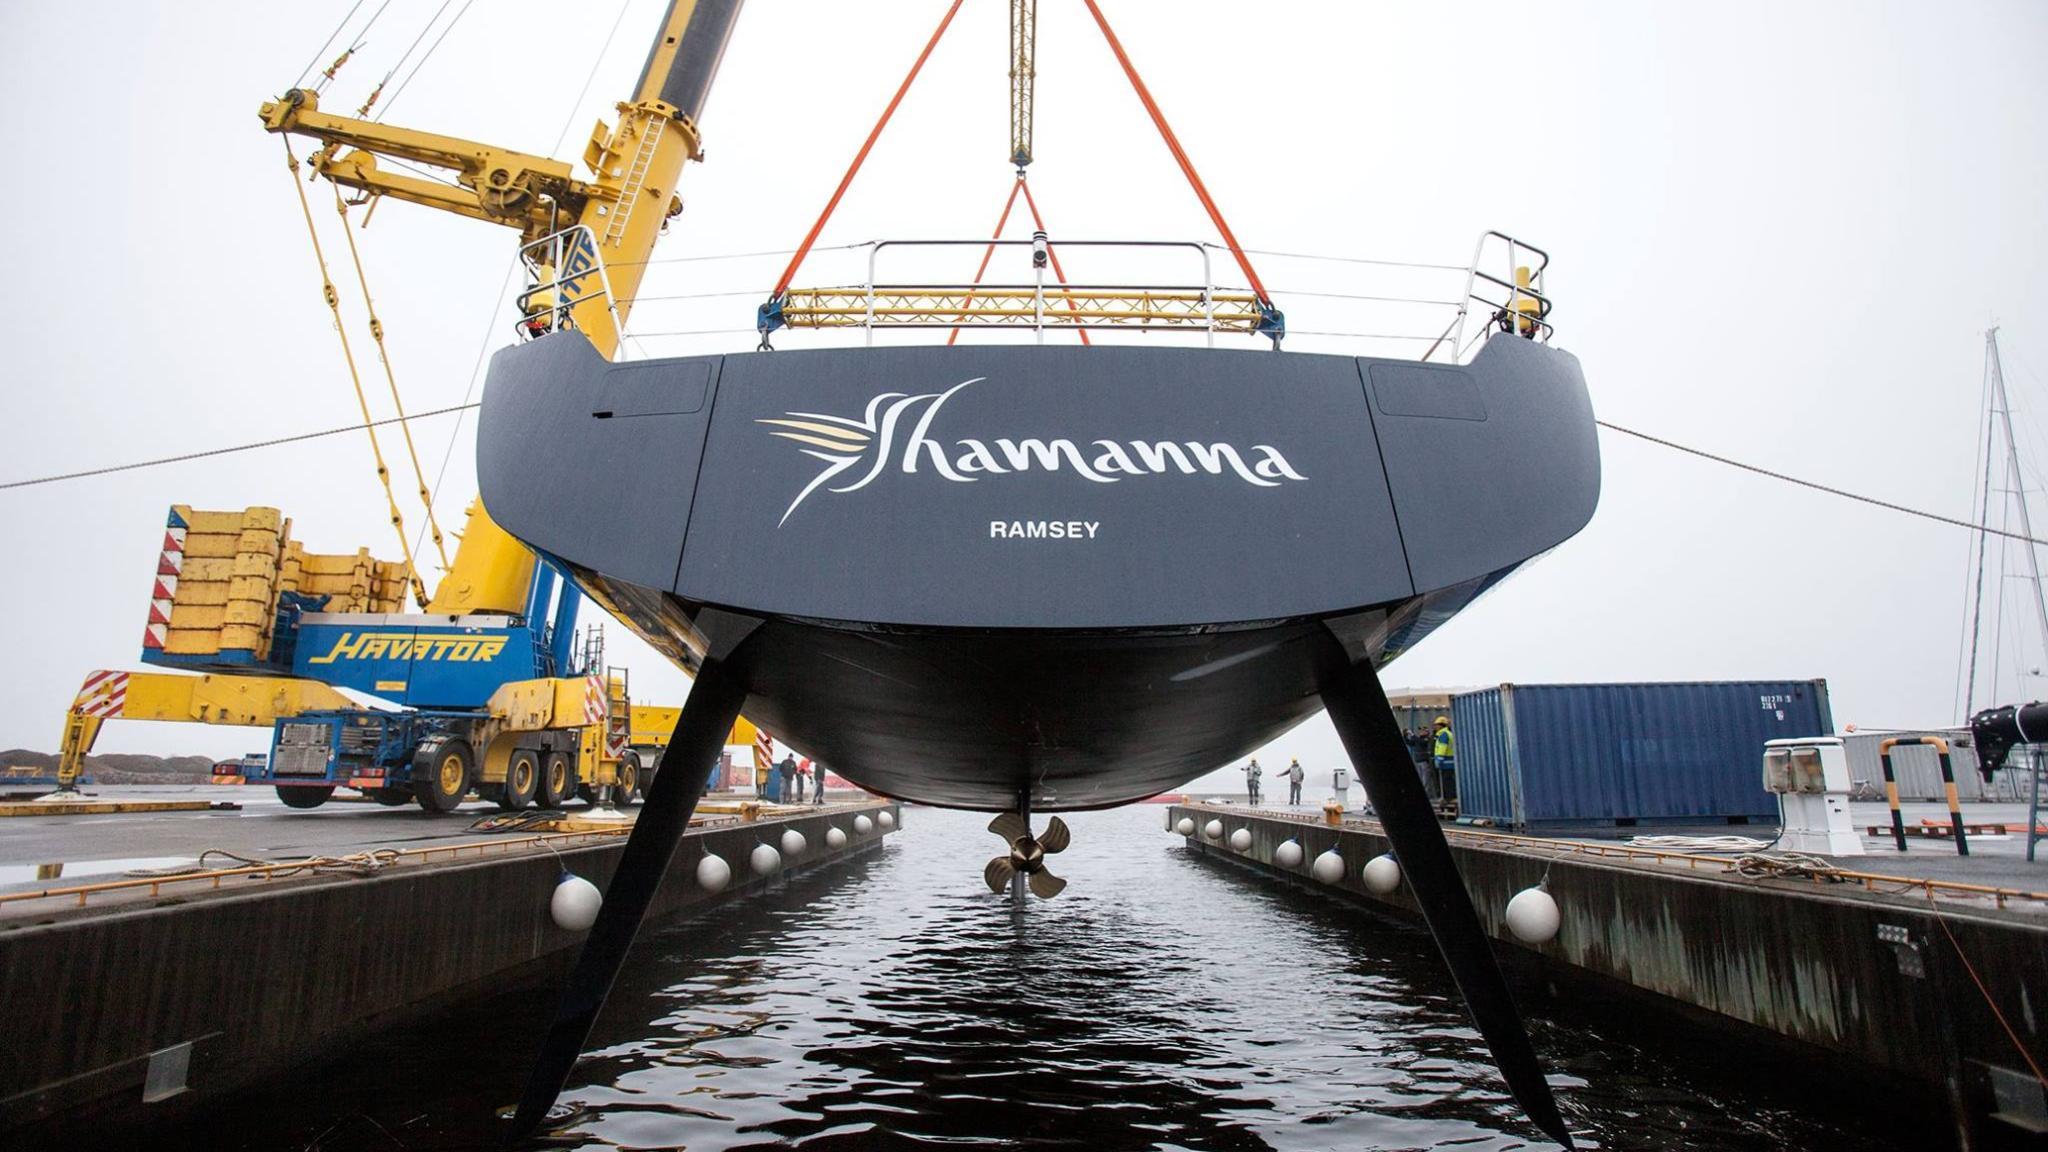 shamanna-motor-yacht-nautors-swan-115-fb-2016-35m-shipyard-berth